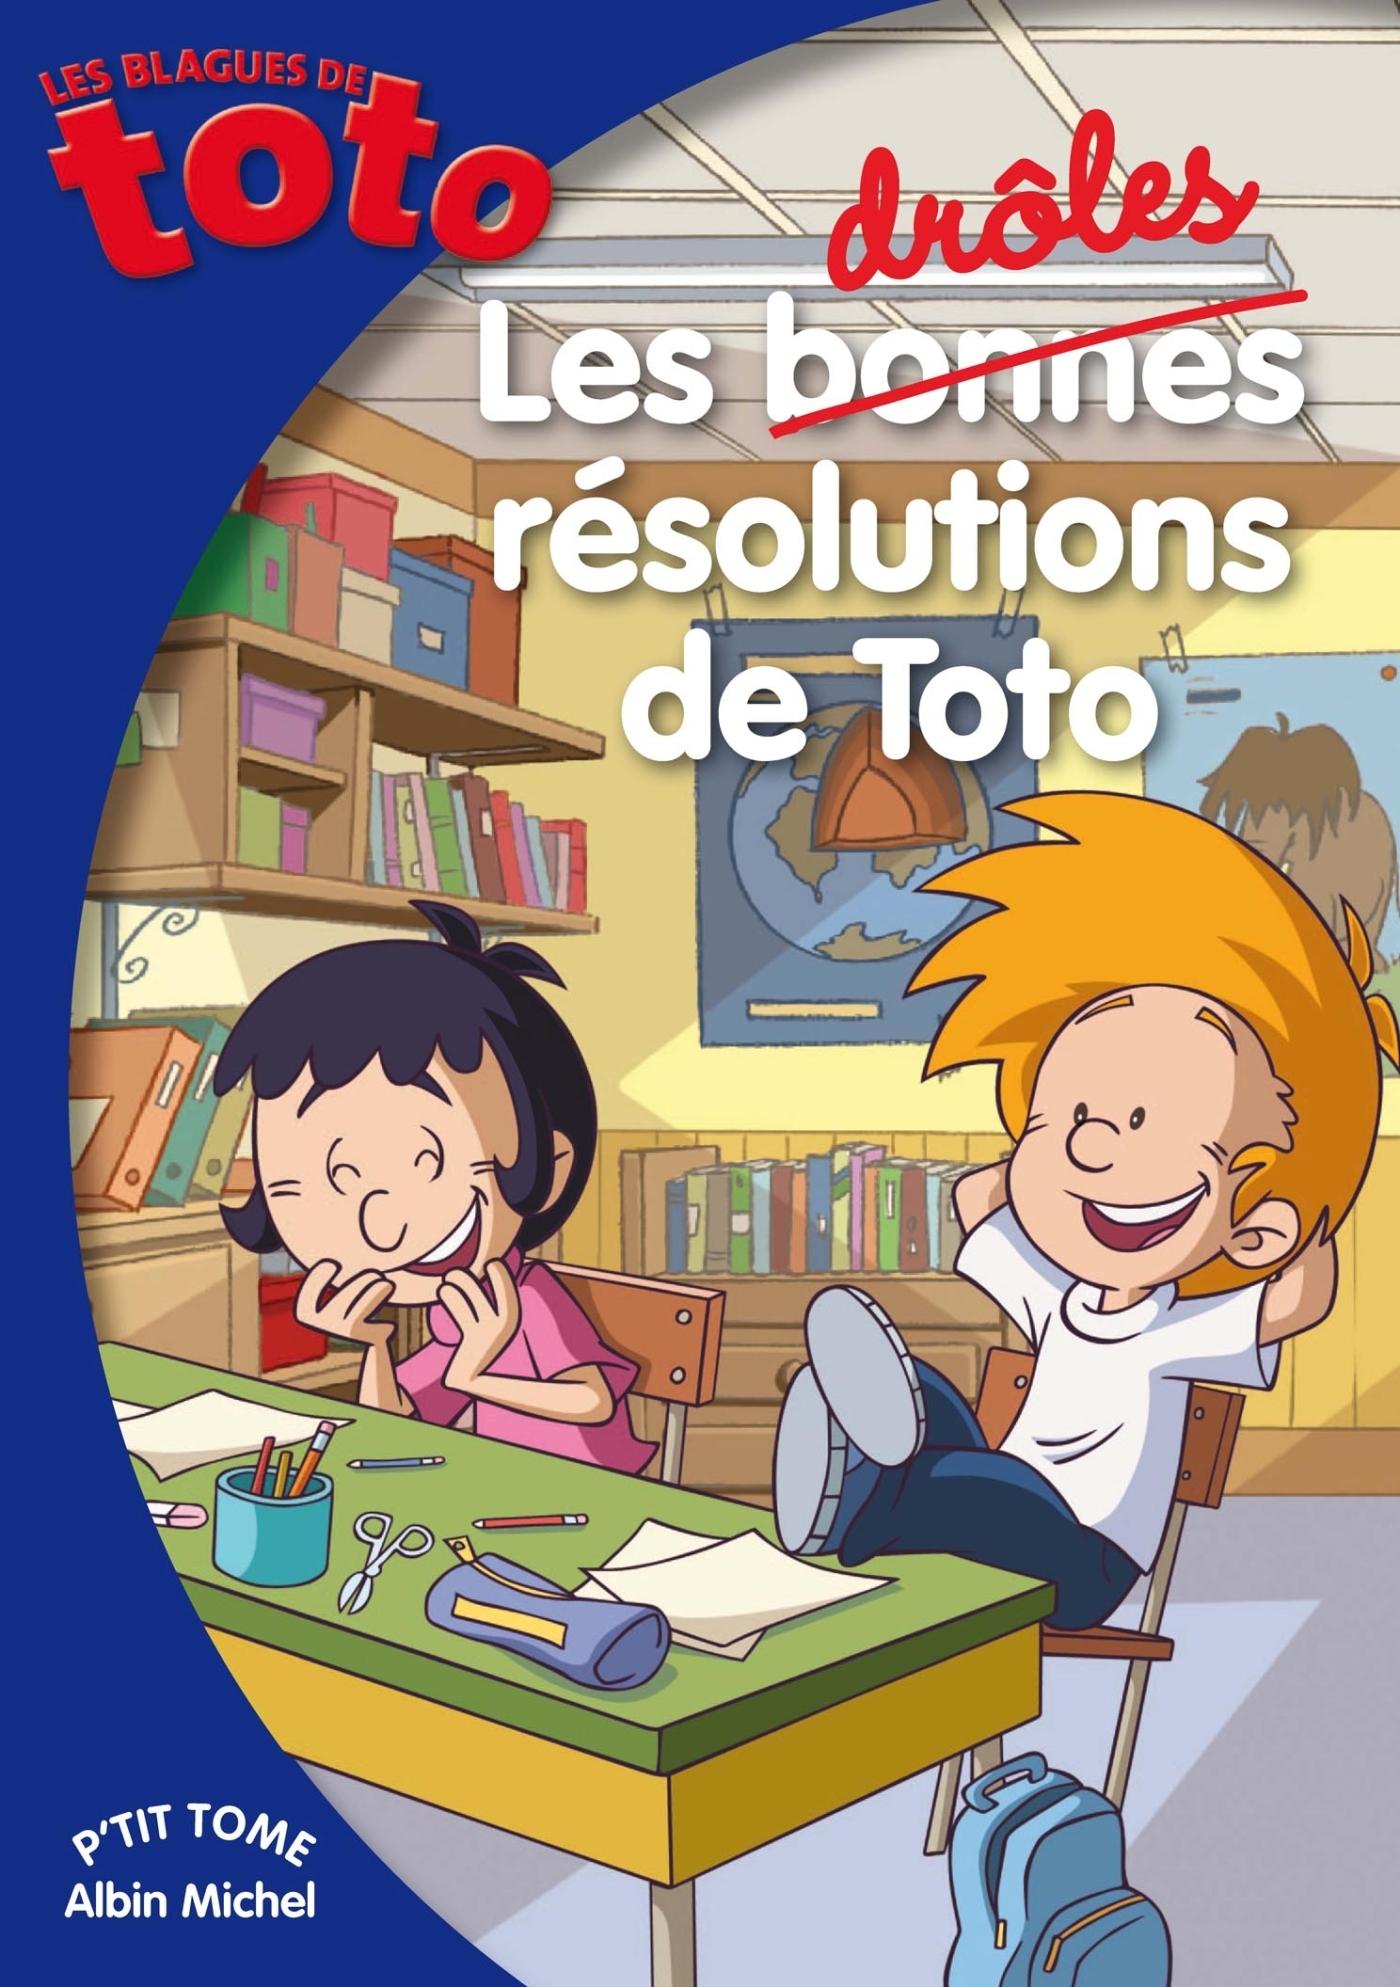 LES BONNES RESOLUTIONS DE TOTO